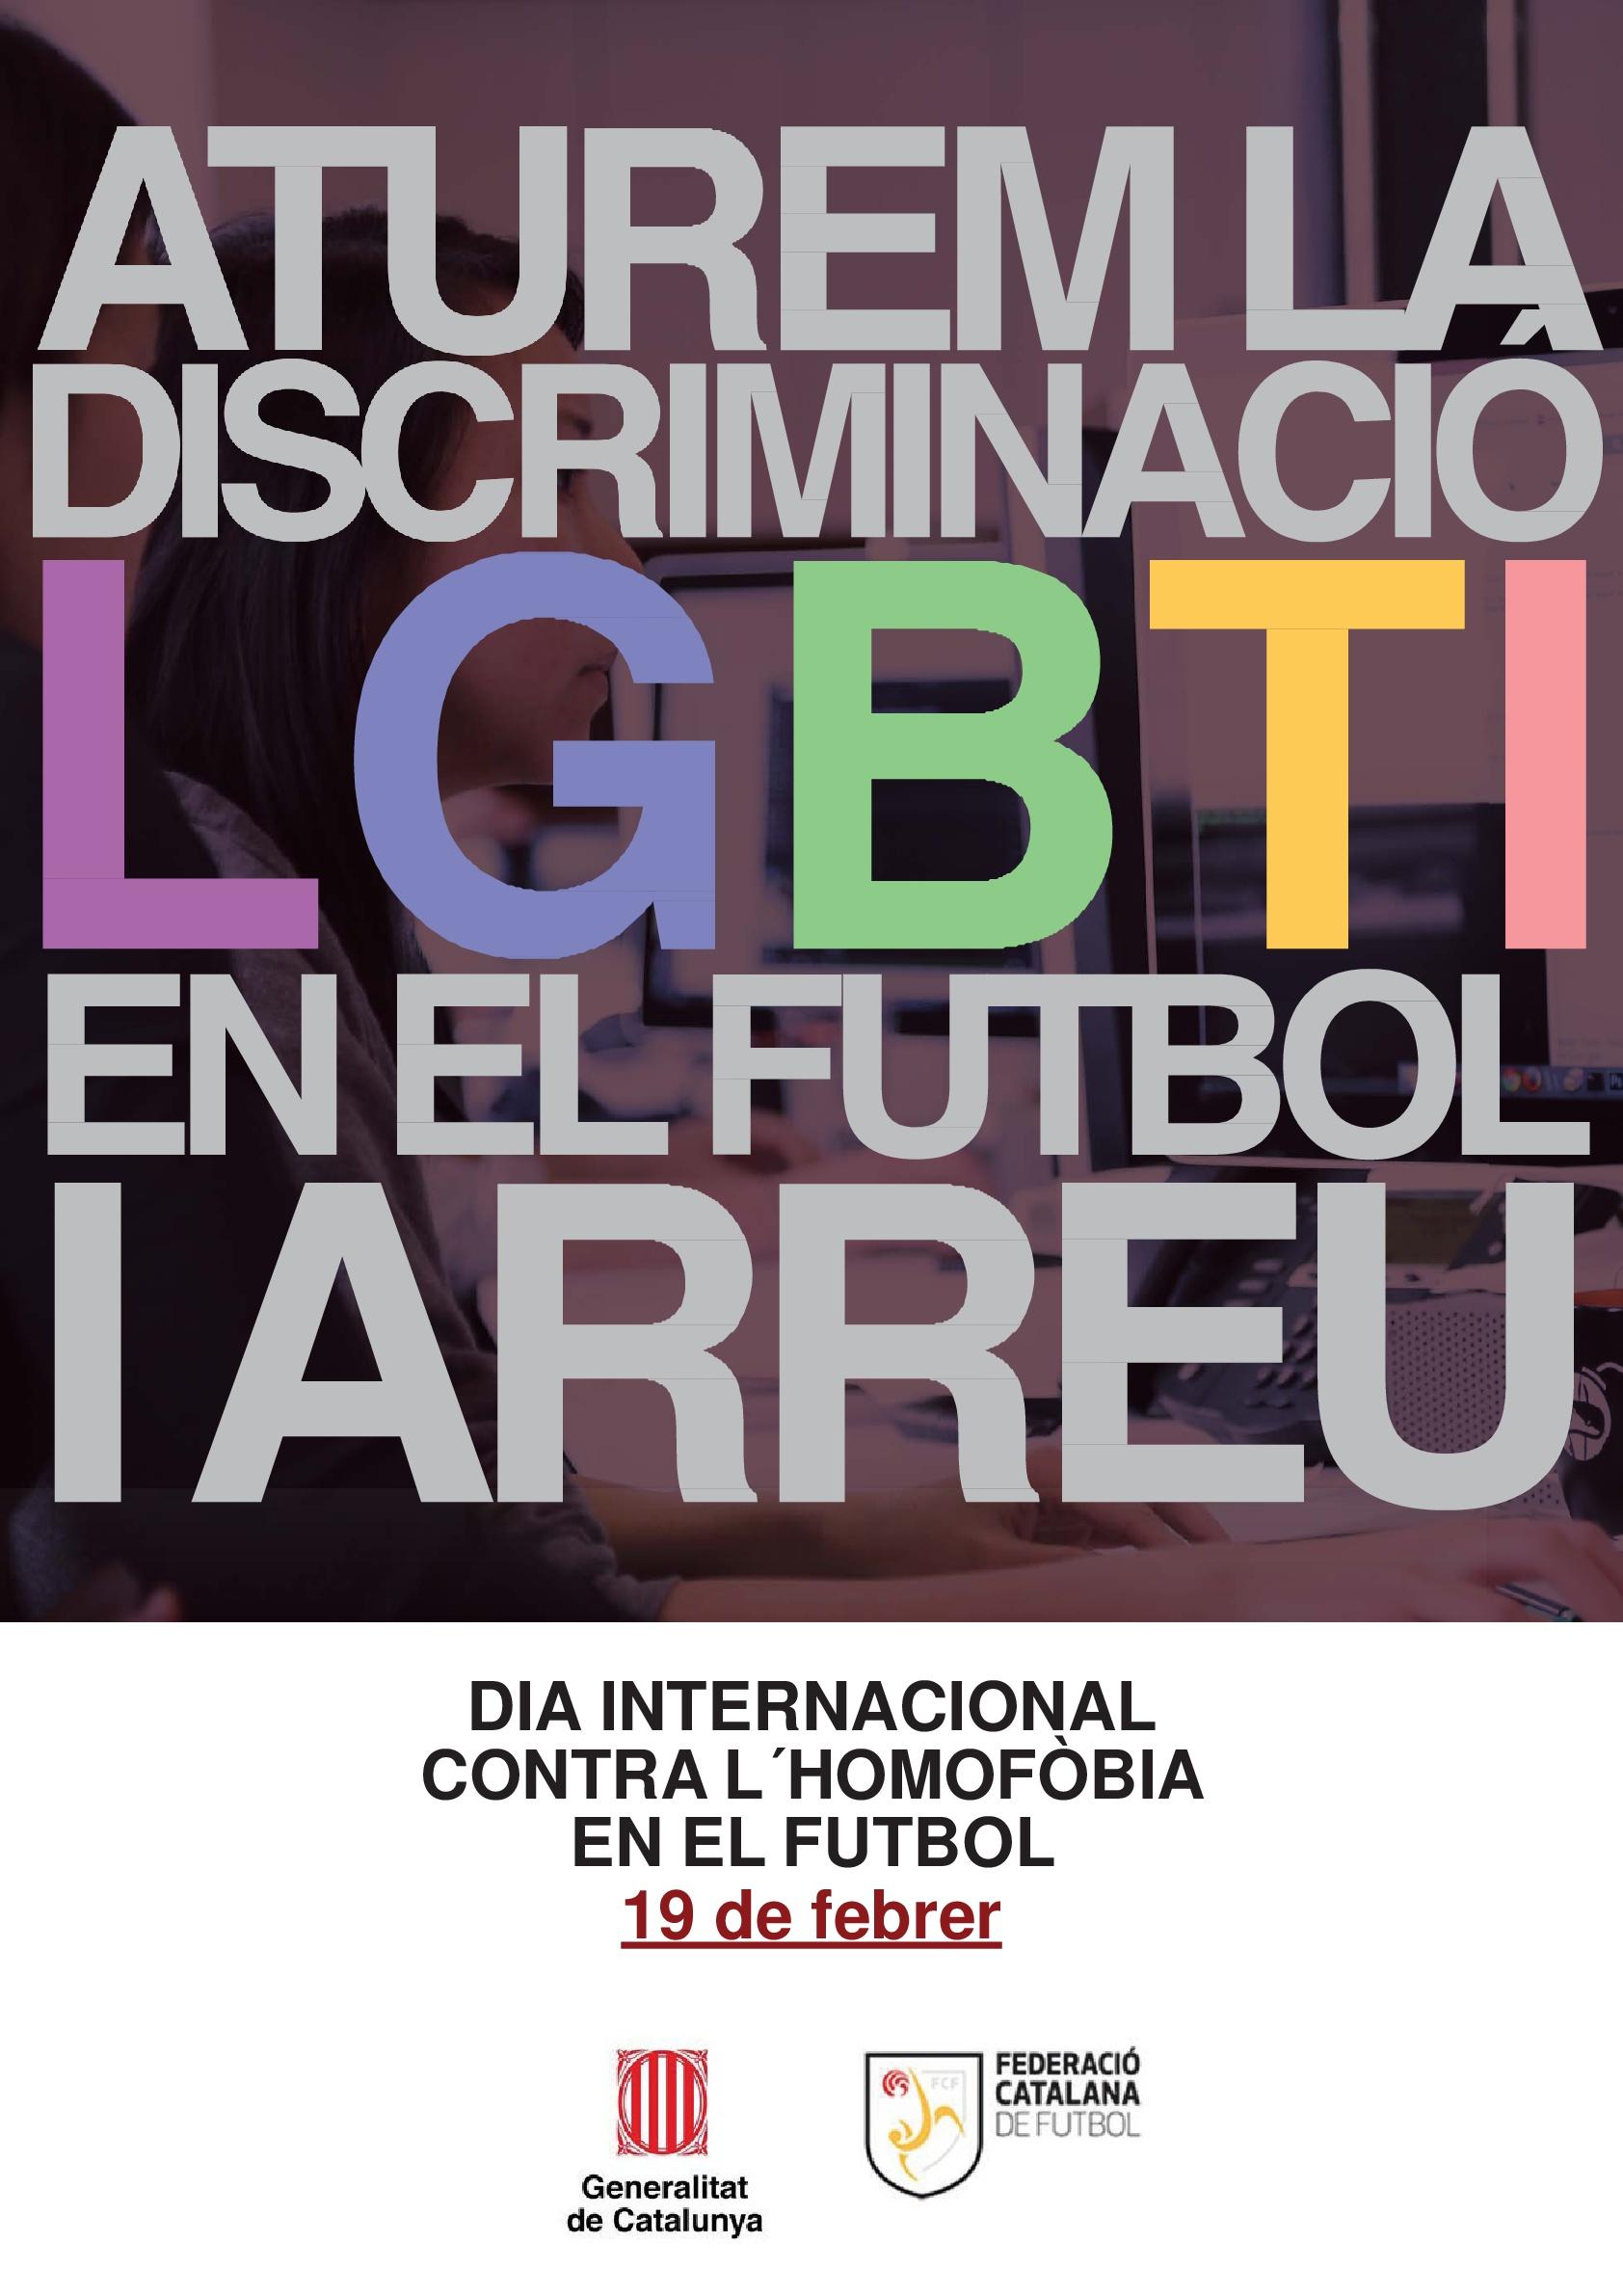 2018 02 16 13 06 28 Futbol 001